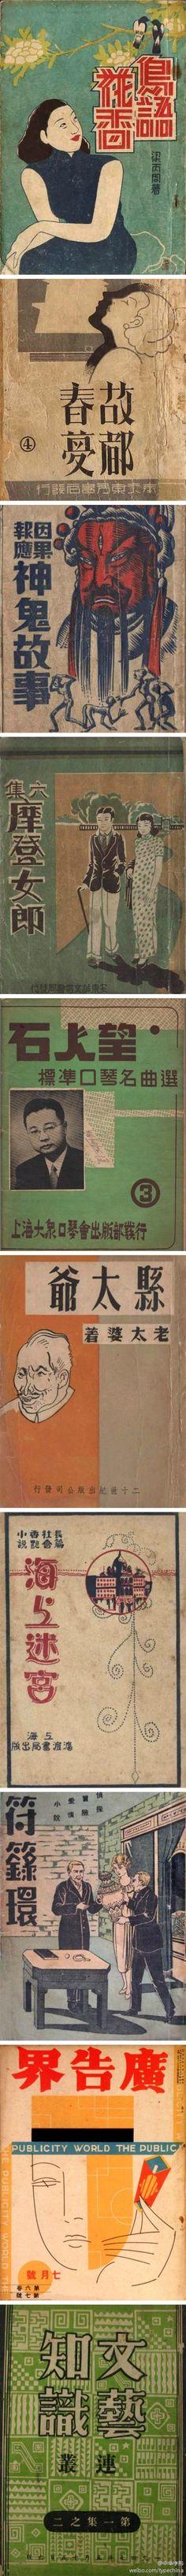 一组小说和杂志封面的老字形分享,带有设计感的字形给书籍的封面增添了许多趣味性。